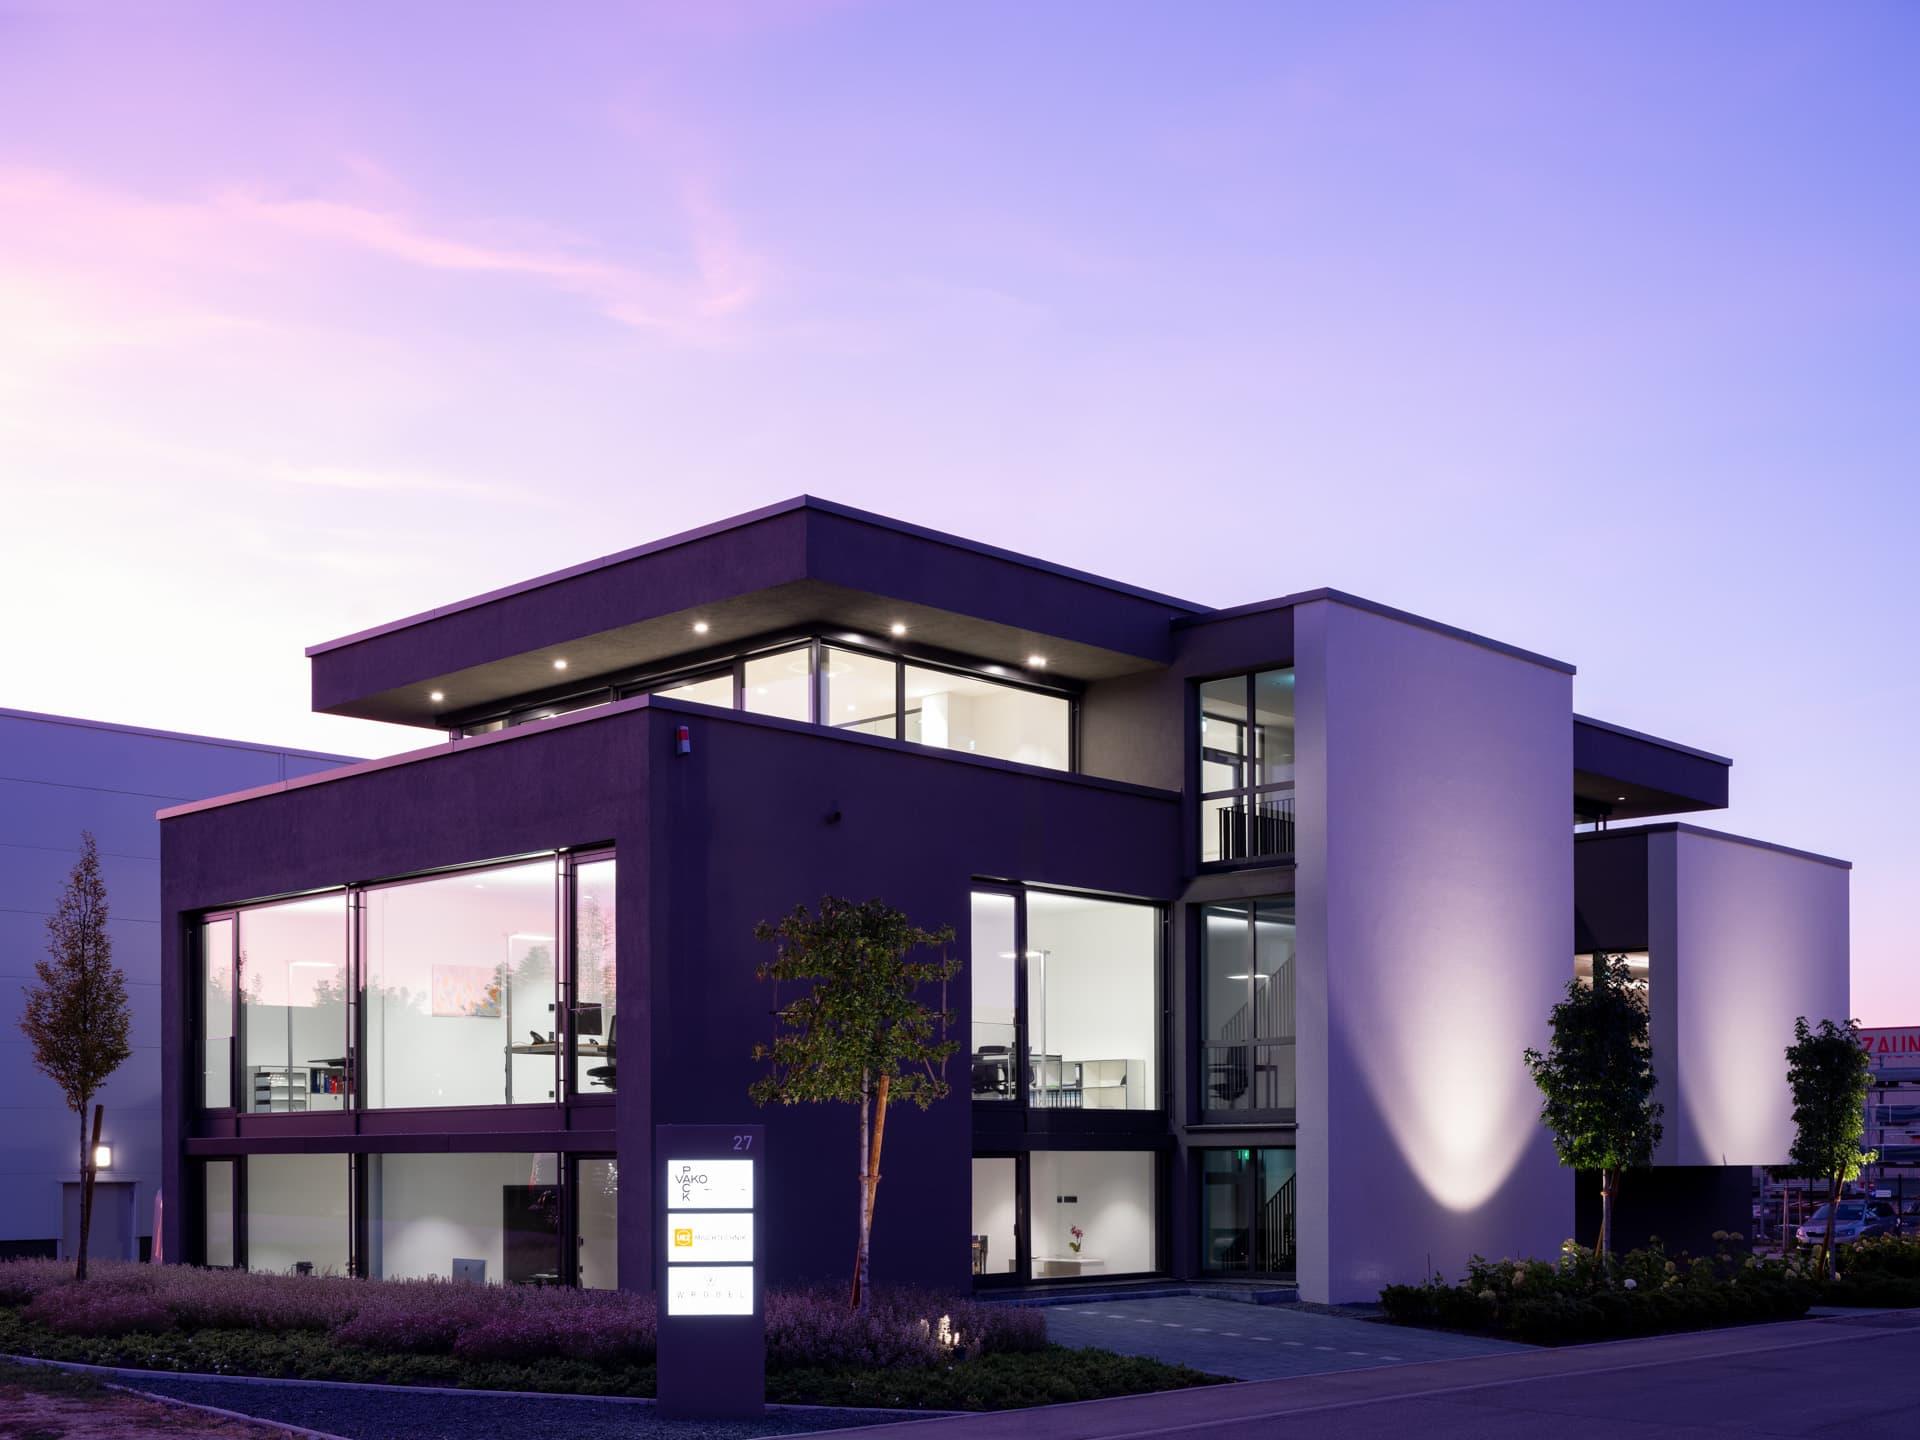 Bürogebäude mit Glaskacheln. Copyright: Dirk Wilhelmy Fotografie.